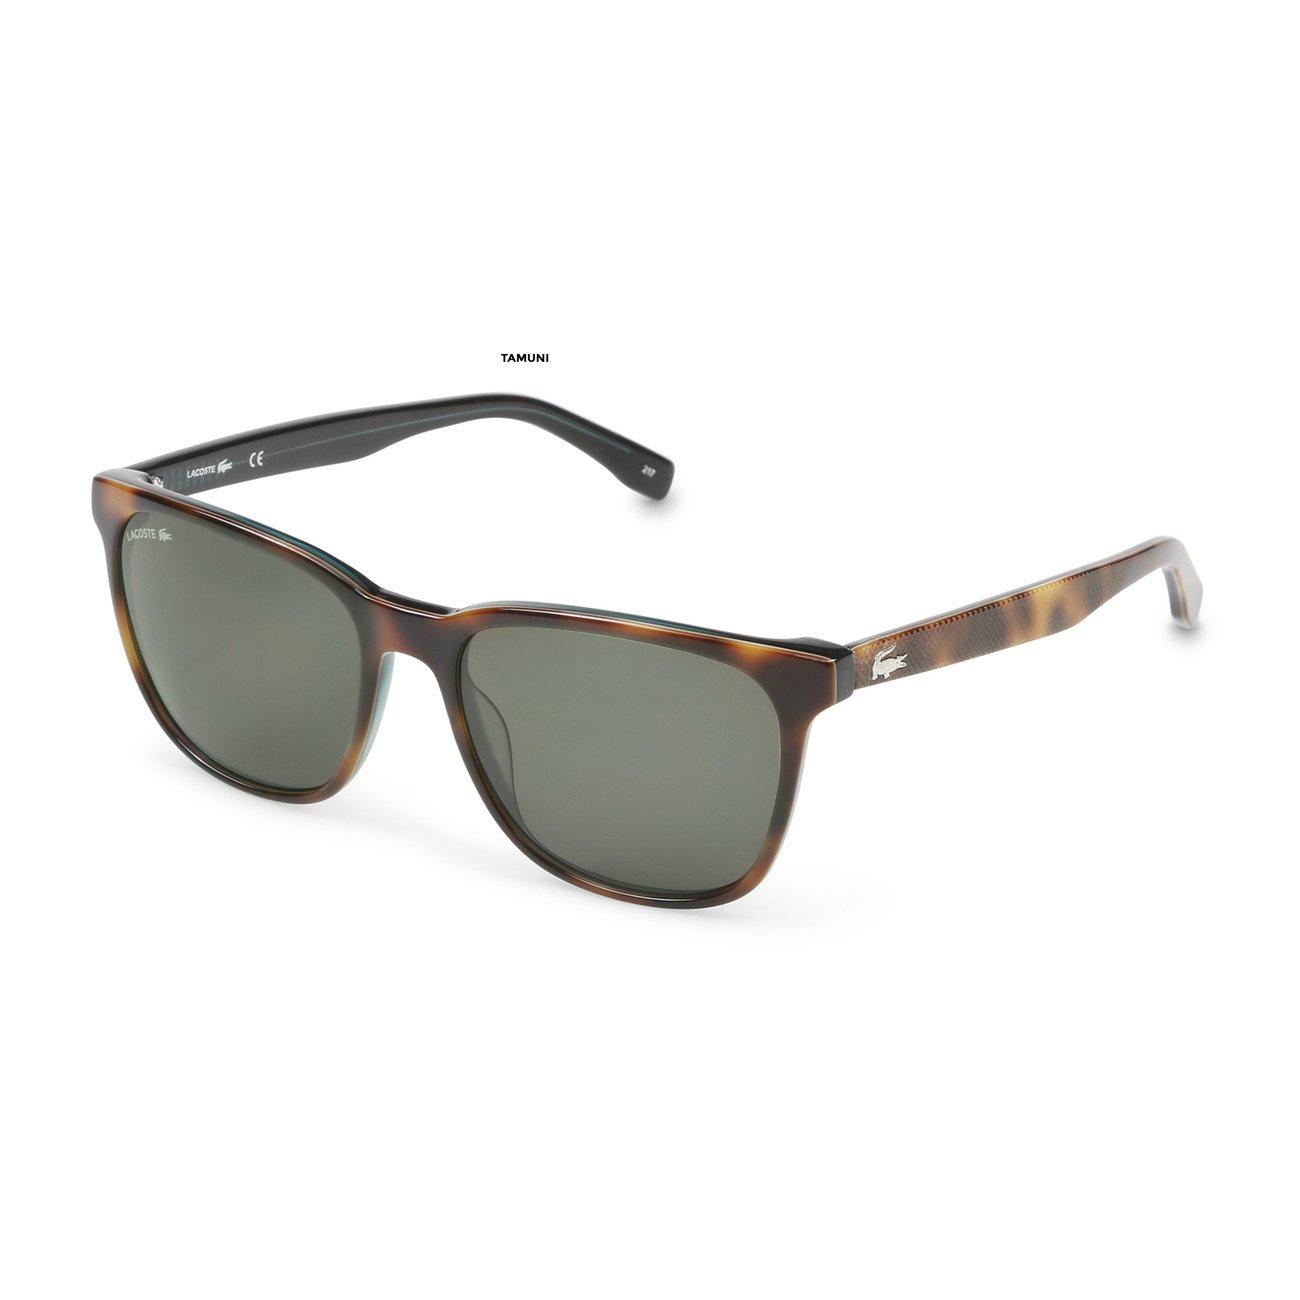 29d03fd42f00 LACOSTE Okulary przeciwsłoneczne damskie L833S - 7213693003 ...